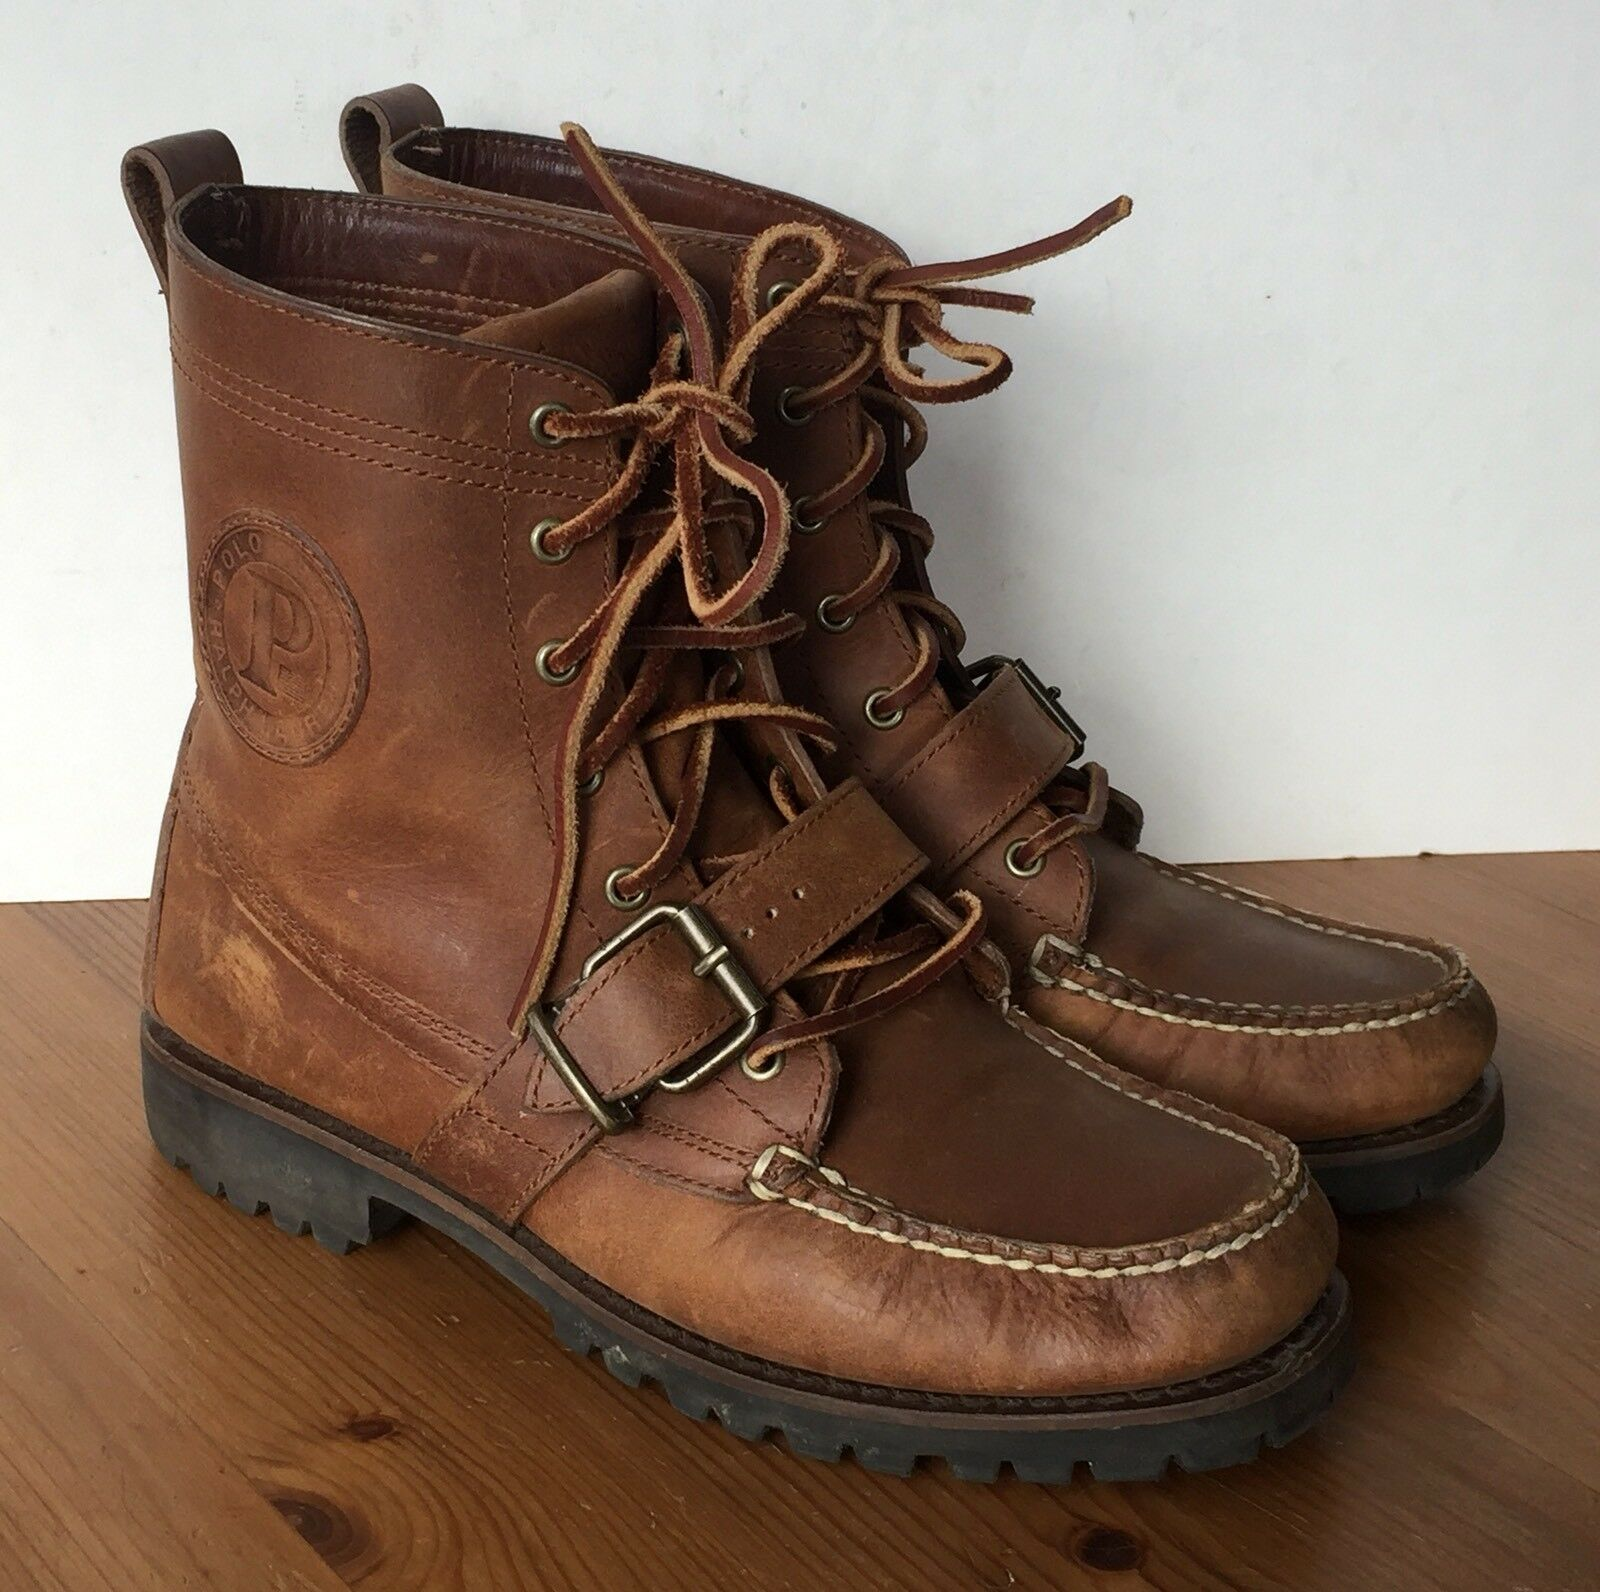 Vintage Ralph Lauren Polo Ranger Sportsman Boots Brown Leather Men's Size 8 EUC